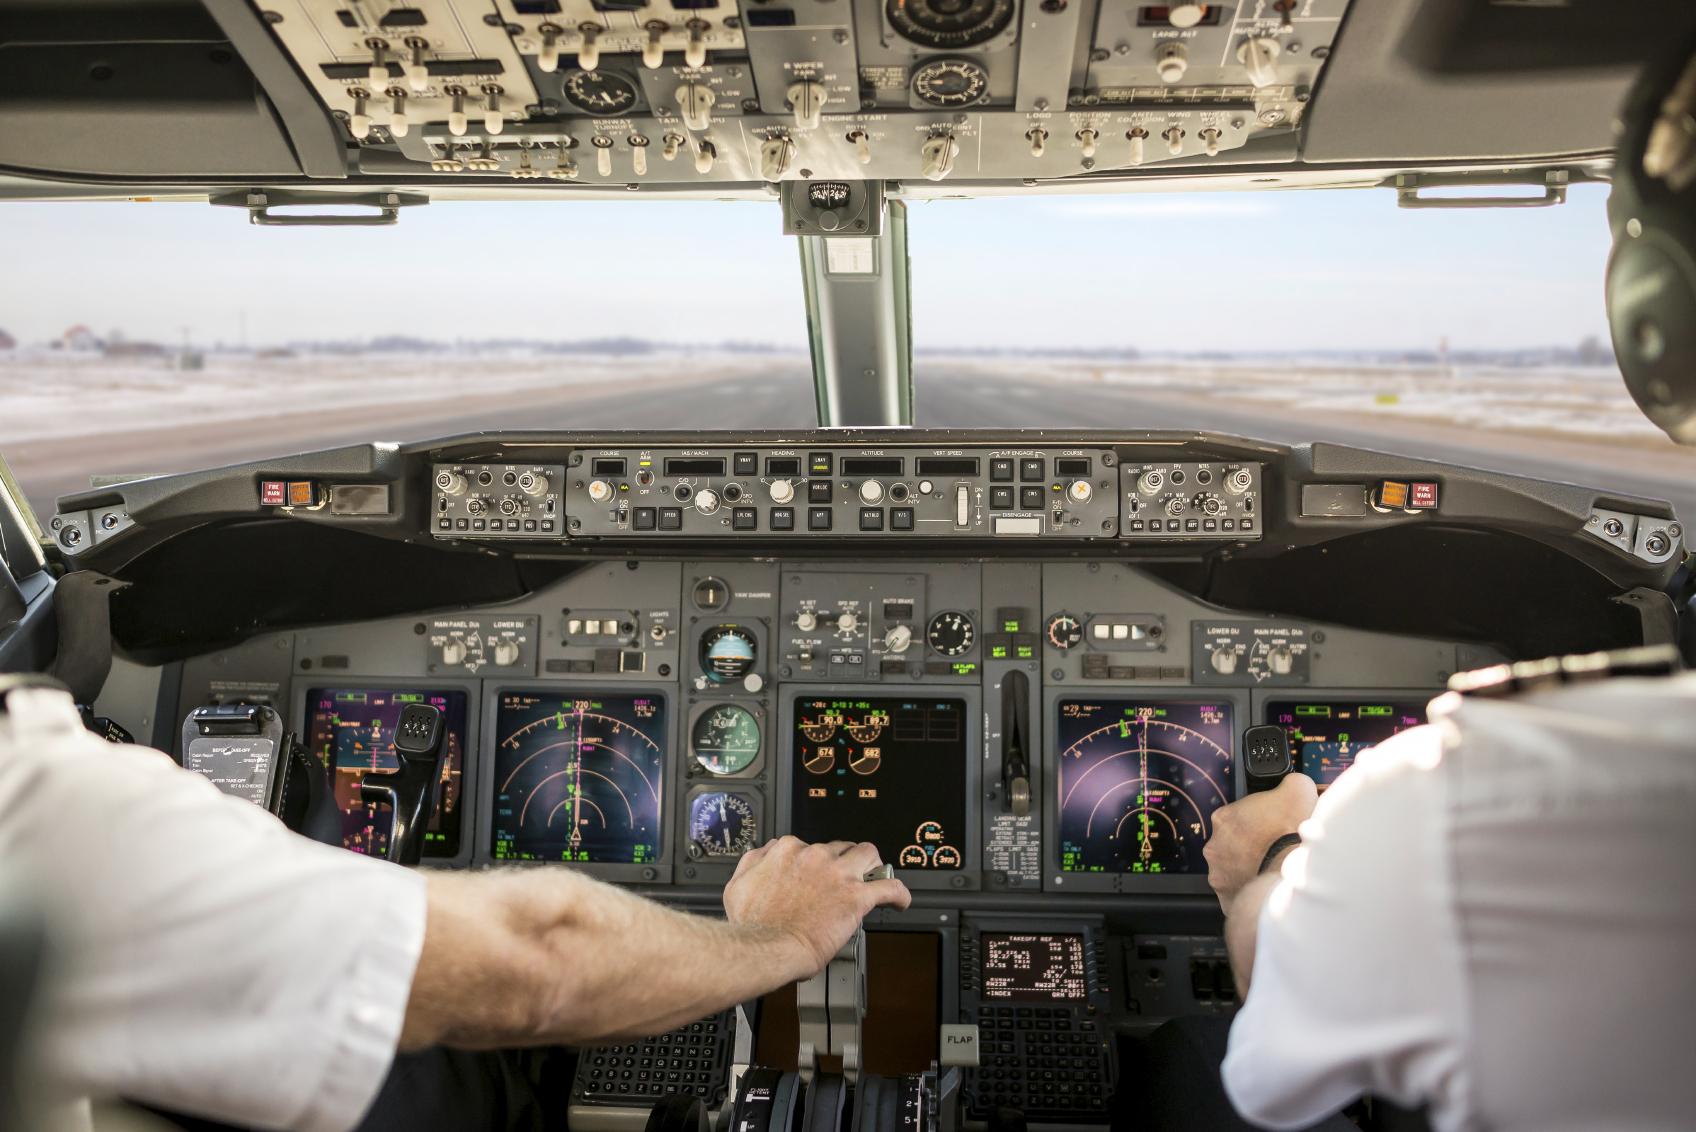 To menn som sitter i en flysimulator. Kjøp årets julegaver på nett.